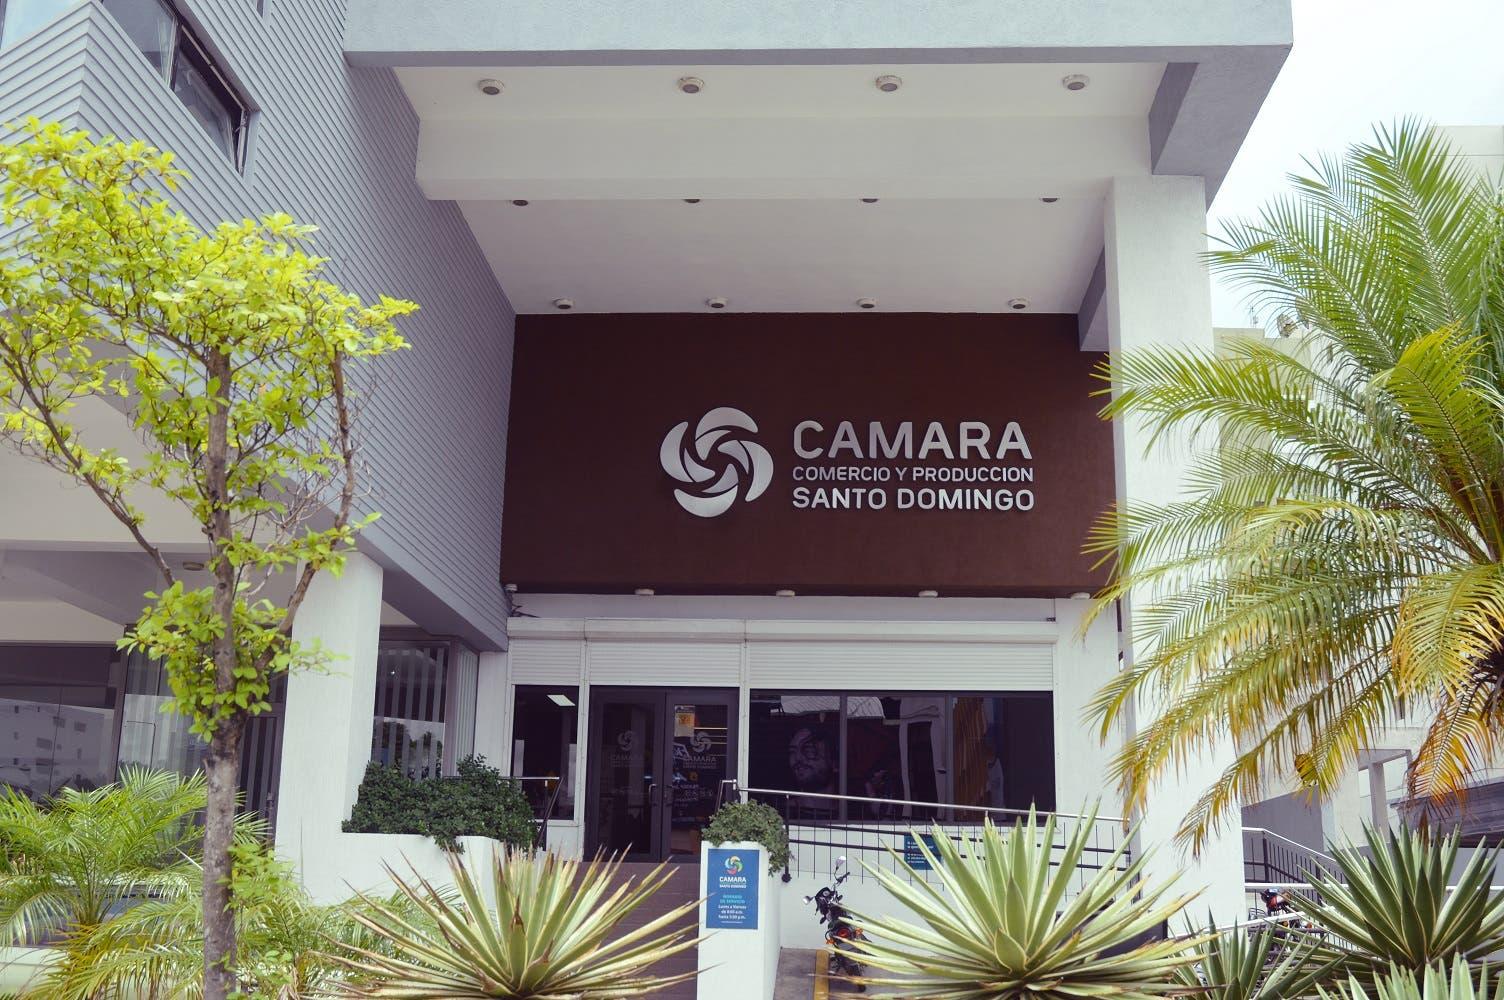 Cámara de Santo Domingo normaliza su horario de servicio